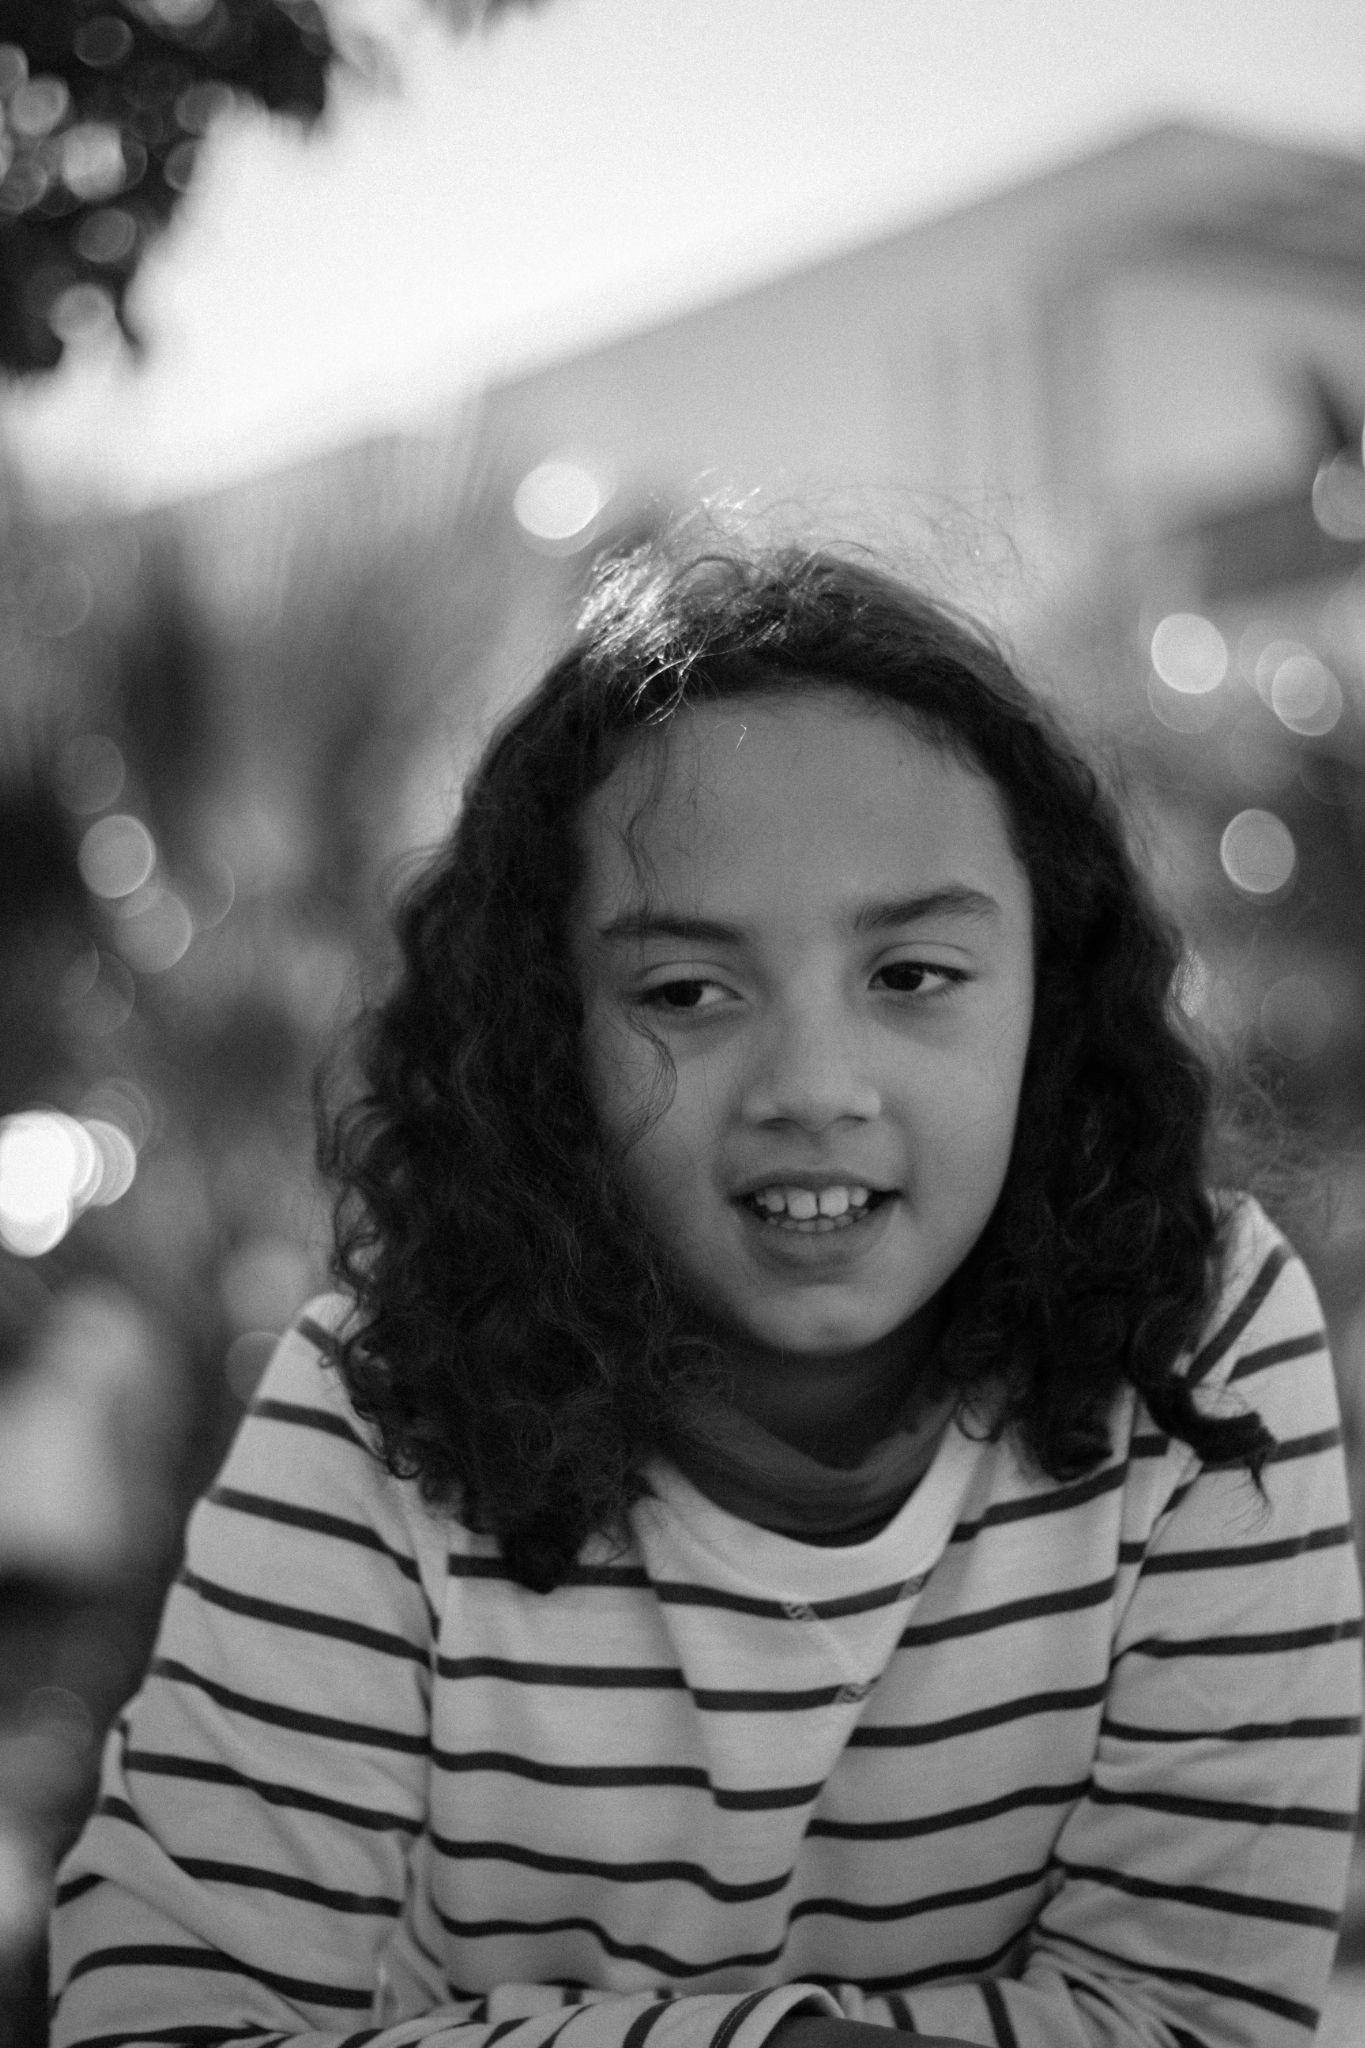 My little Star by rodrigocarnero.valverde